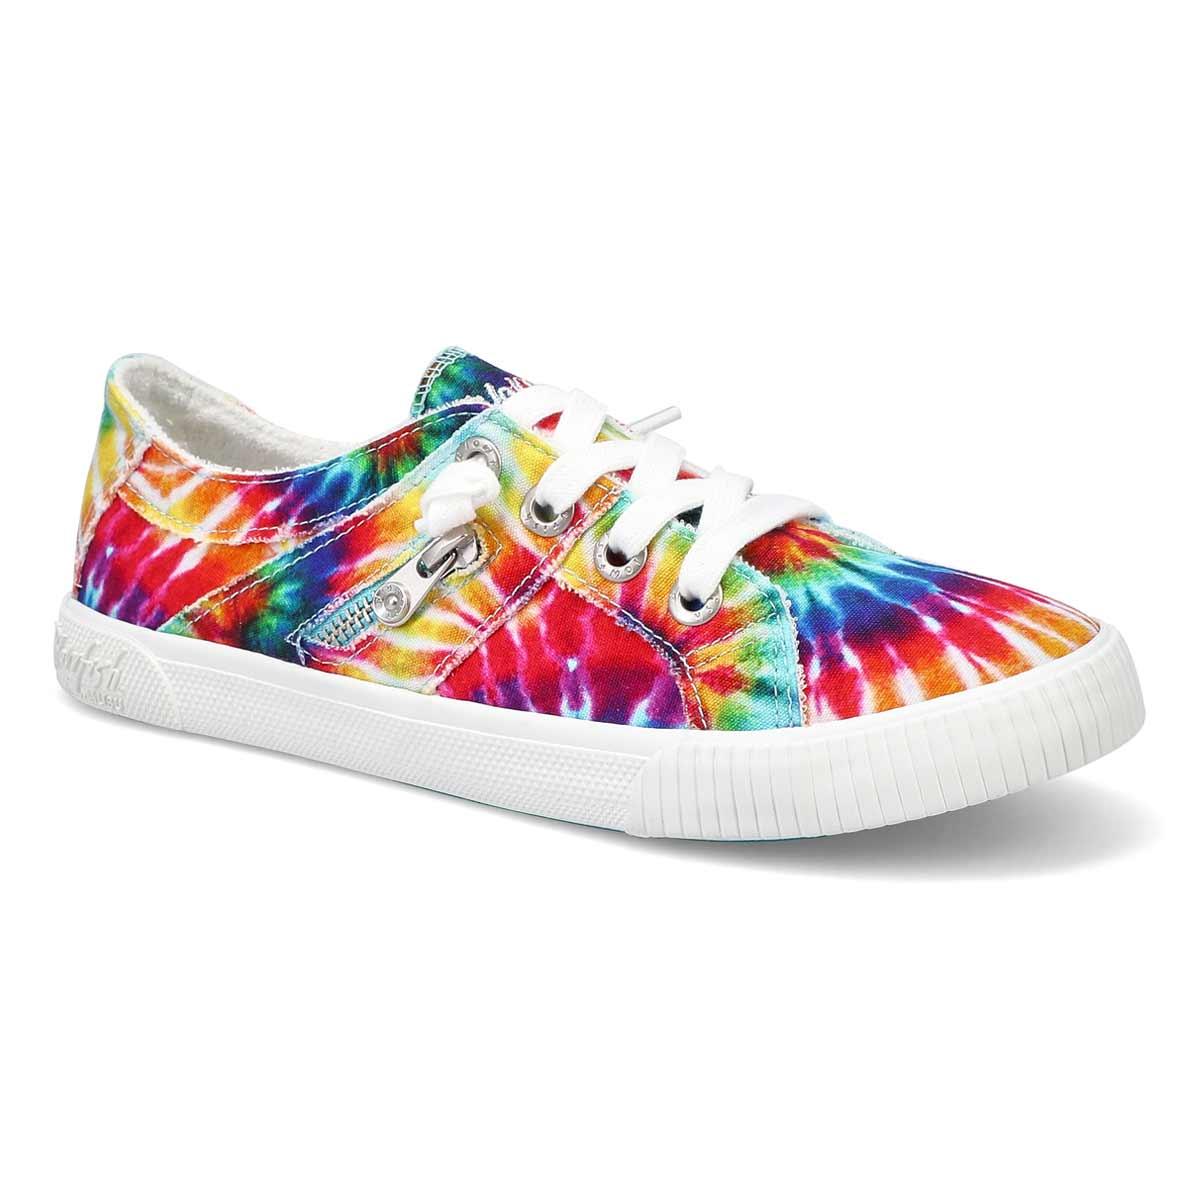 Women's Fruit Sneaker - Rainbow Tie Dye